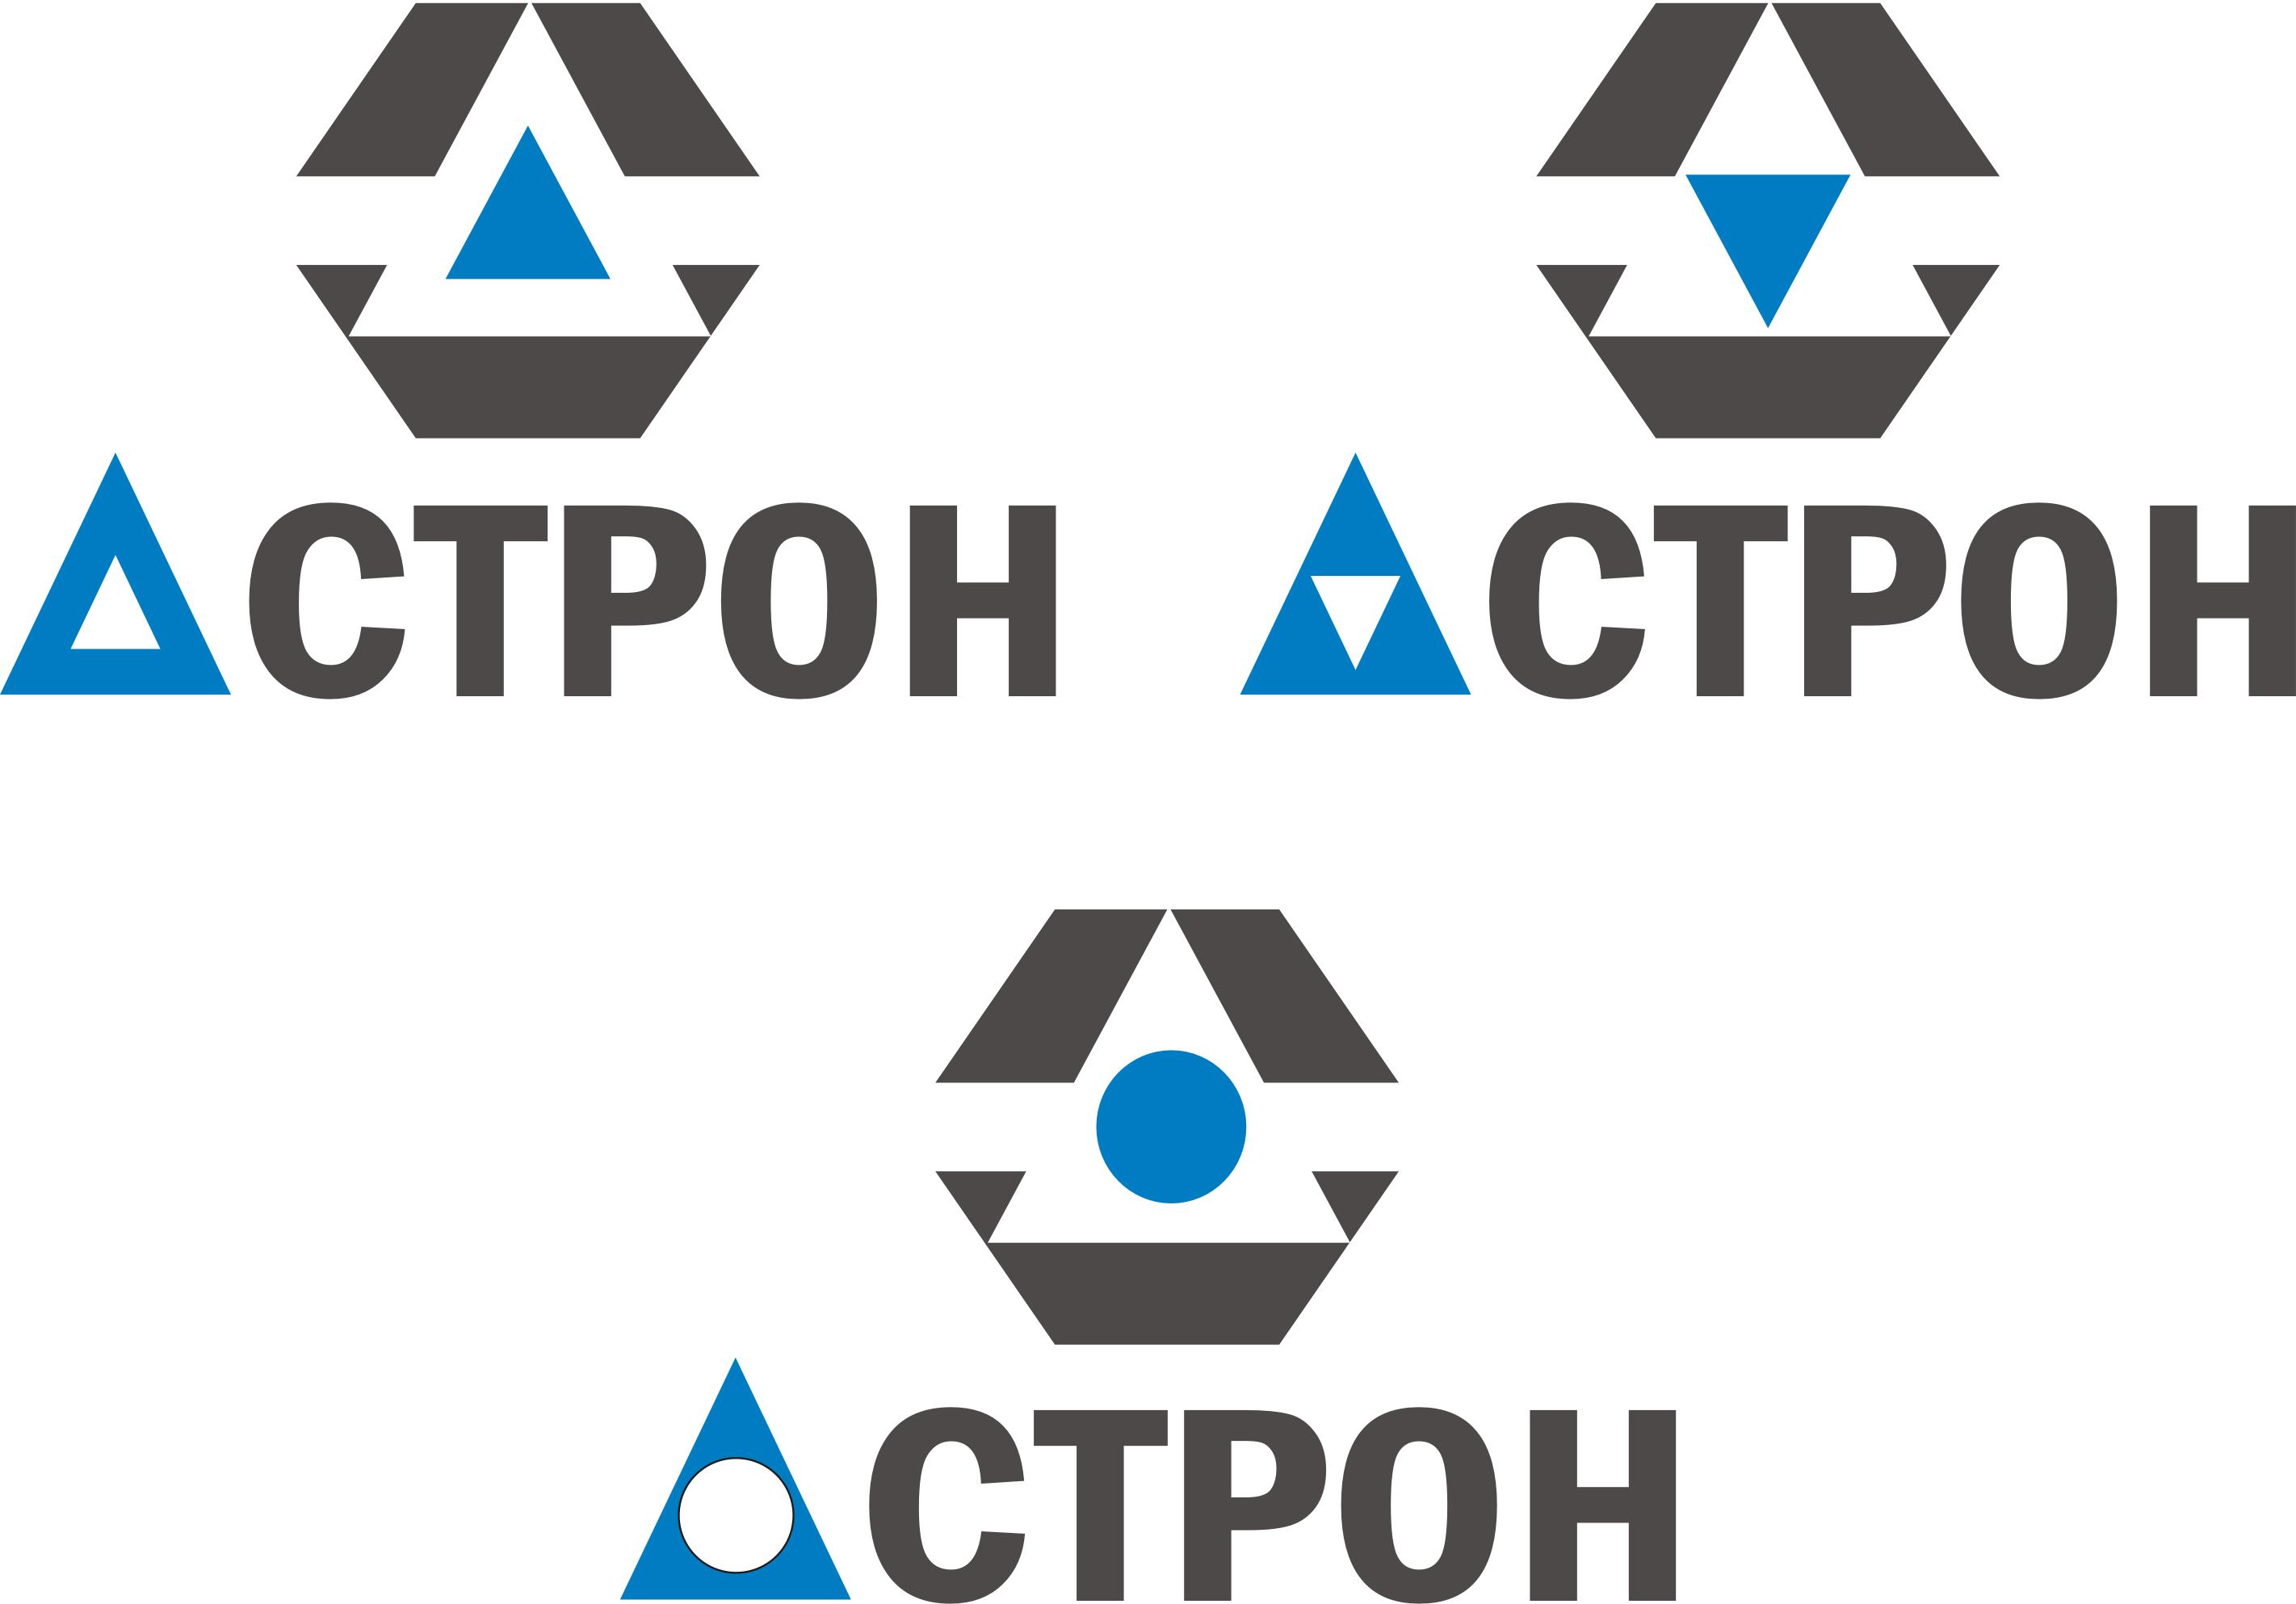 Товарный знак оптоэлектронного предприятия фото f_85053fadd6065bf3.png